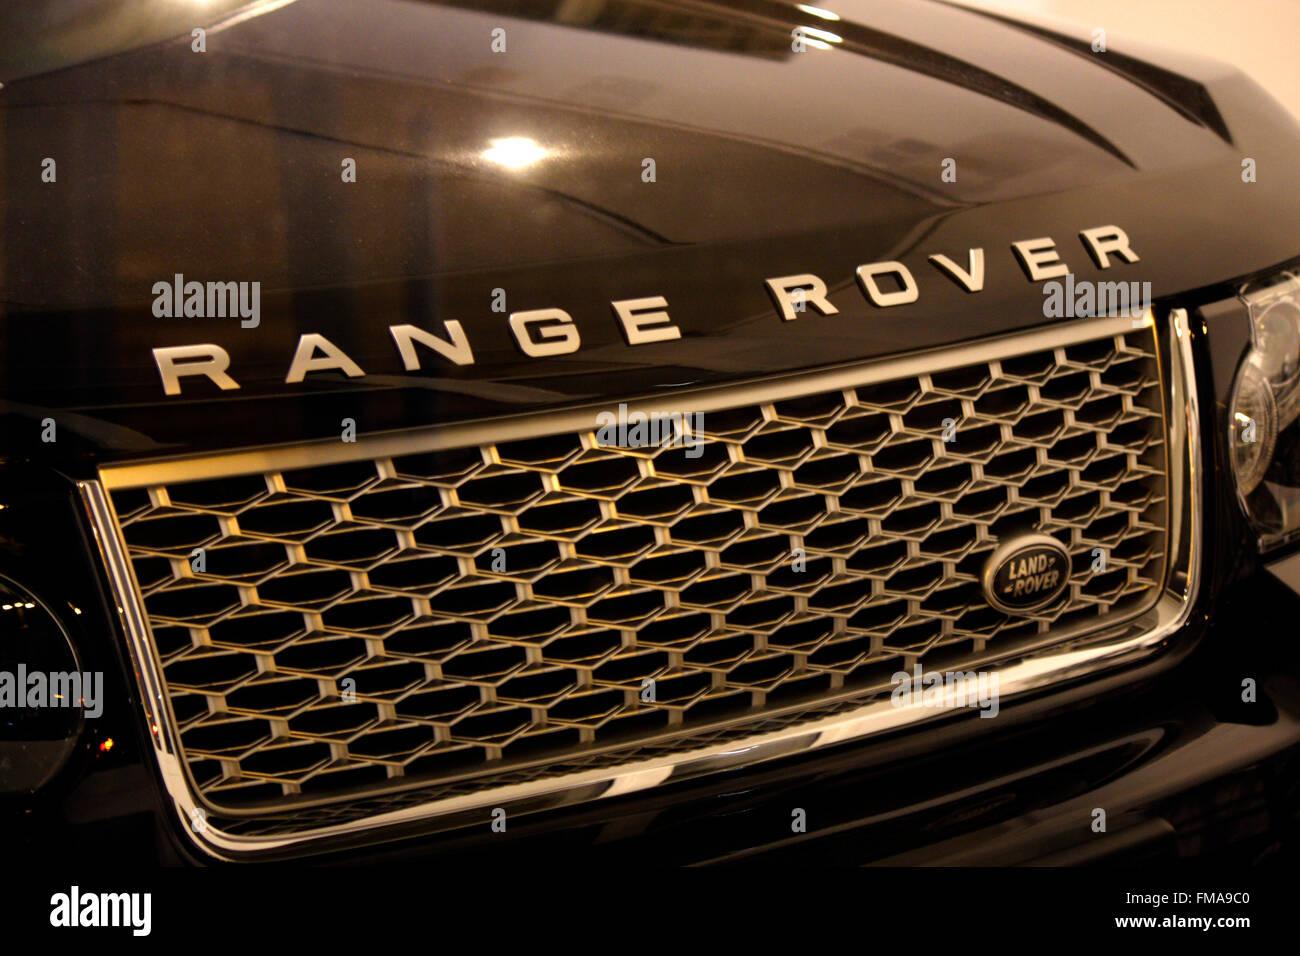 Markenname: 'Range Rover', Dezember 2013, Berlin. - Stock Image